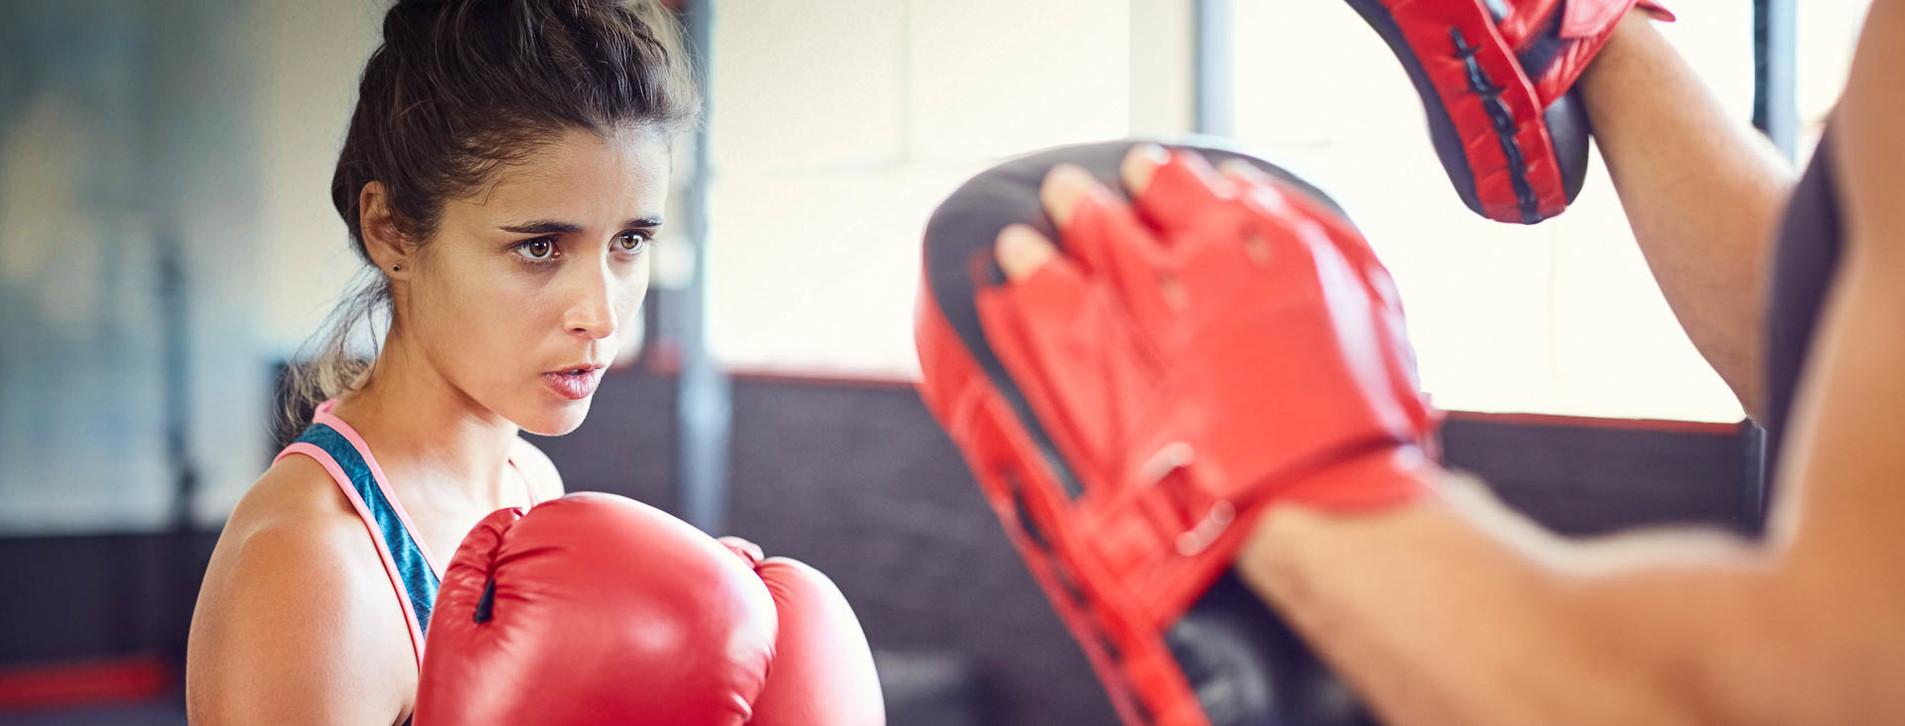 Фото 1 - Курс самообороны для женщин